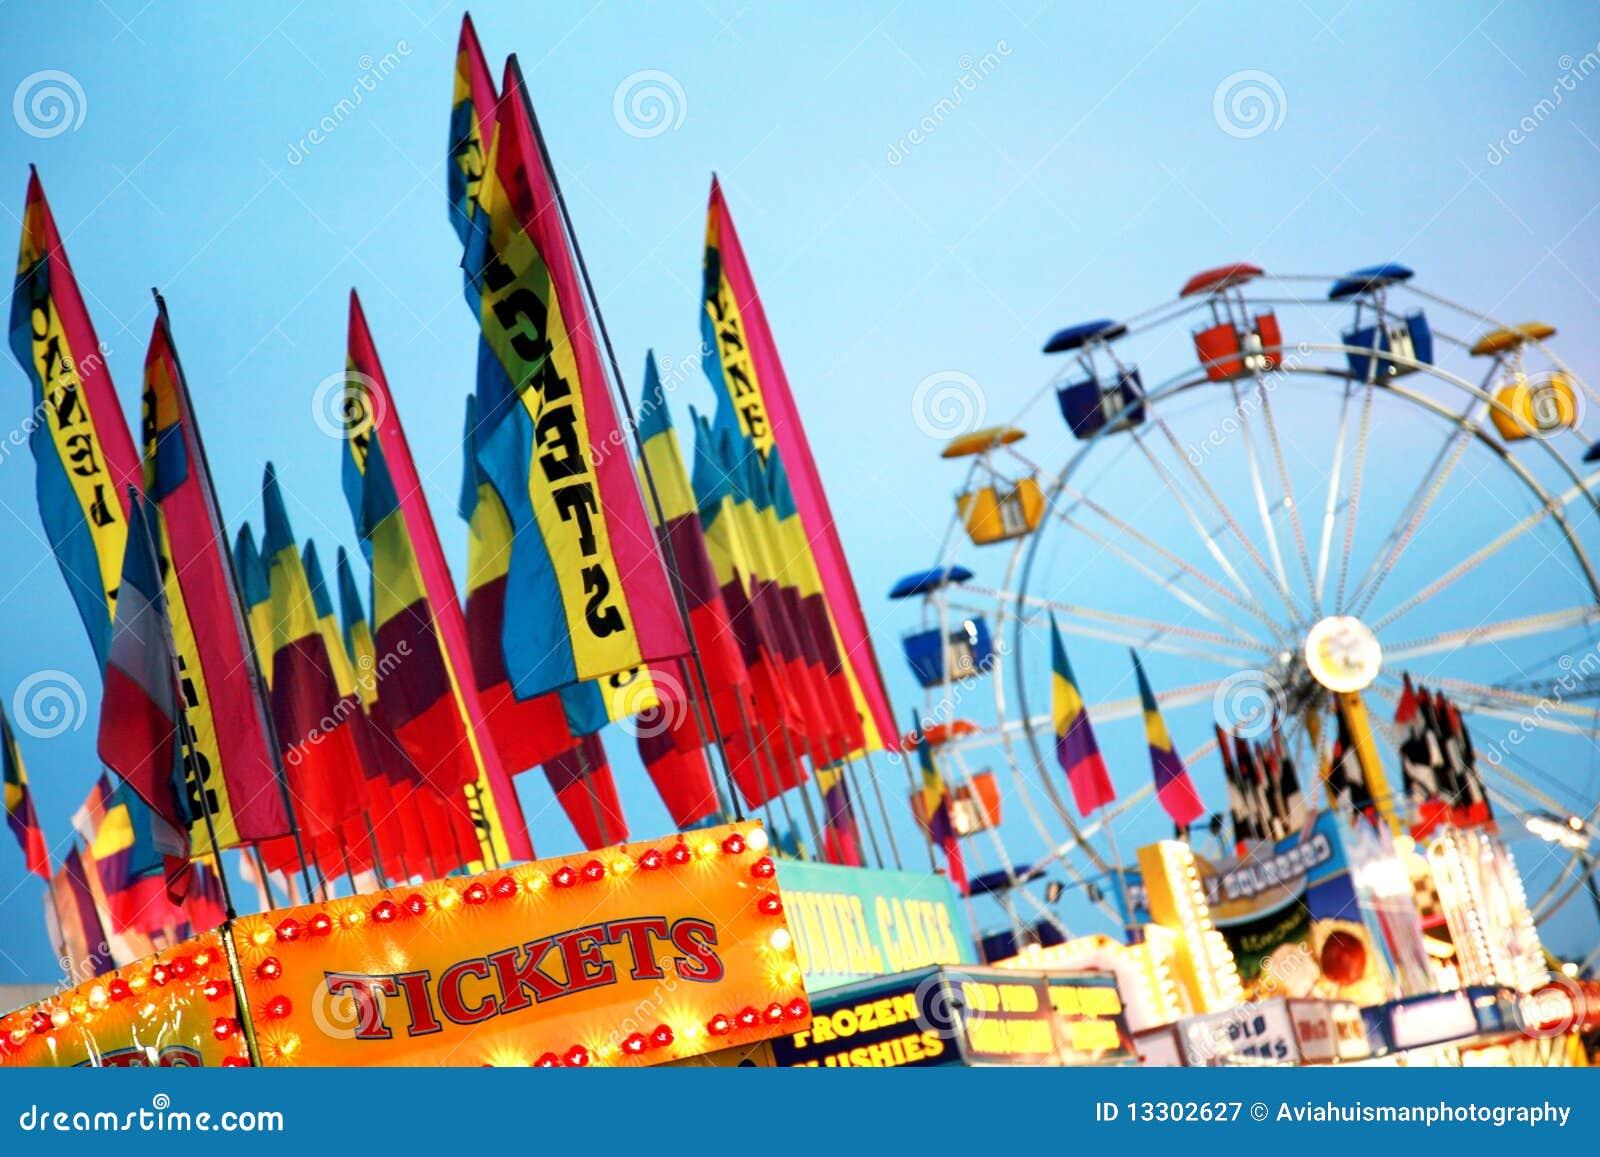 Kleurrijk Carnaval